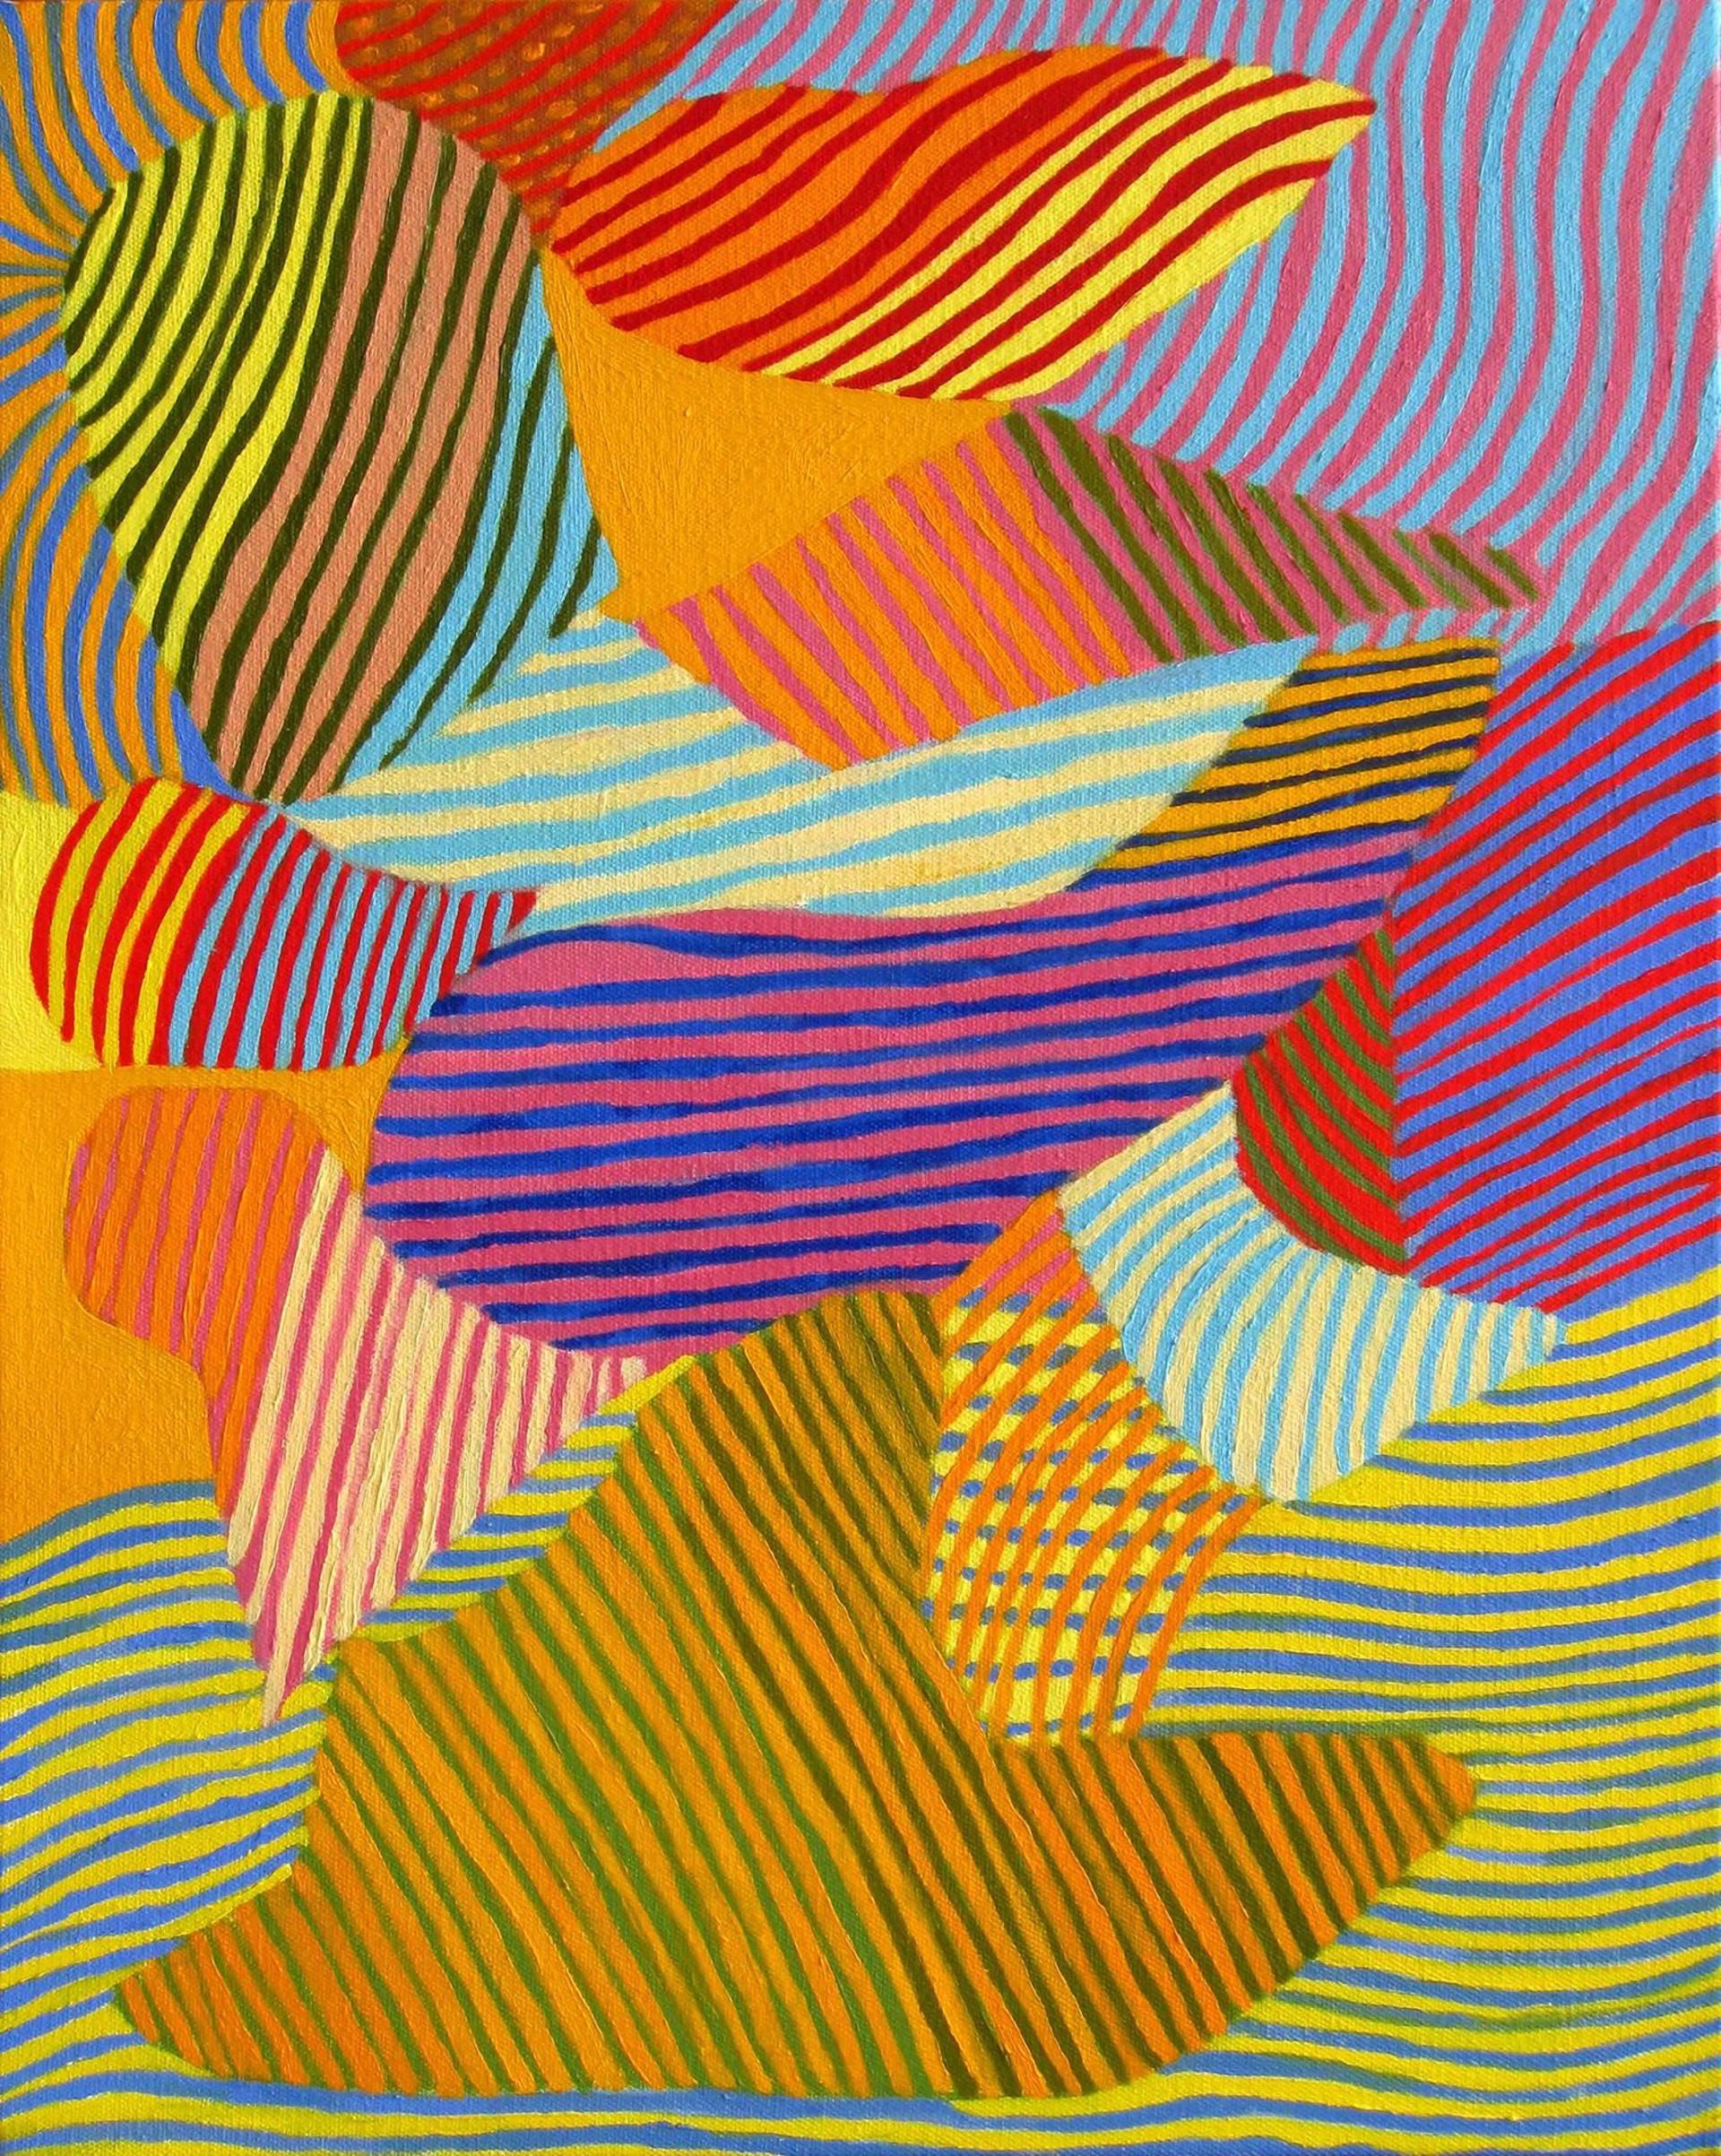 Craig Moran - Burst by Visiting Artist